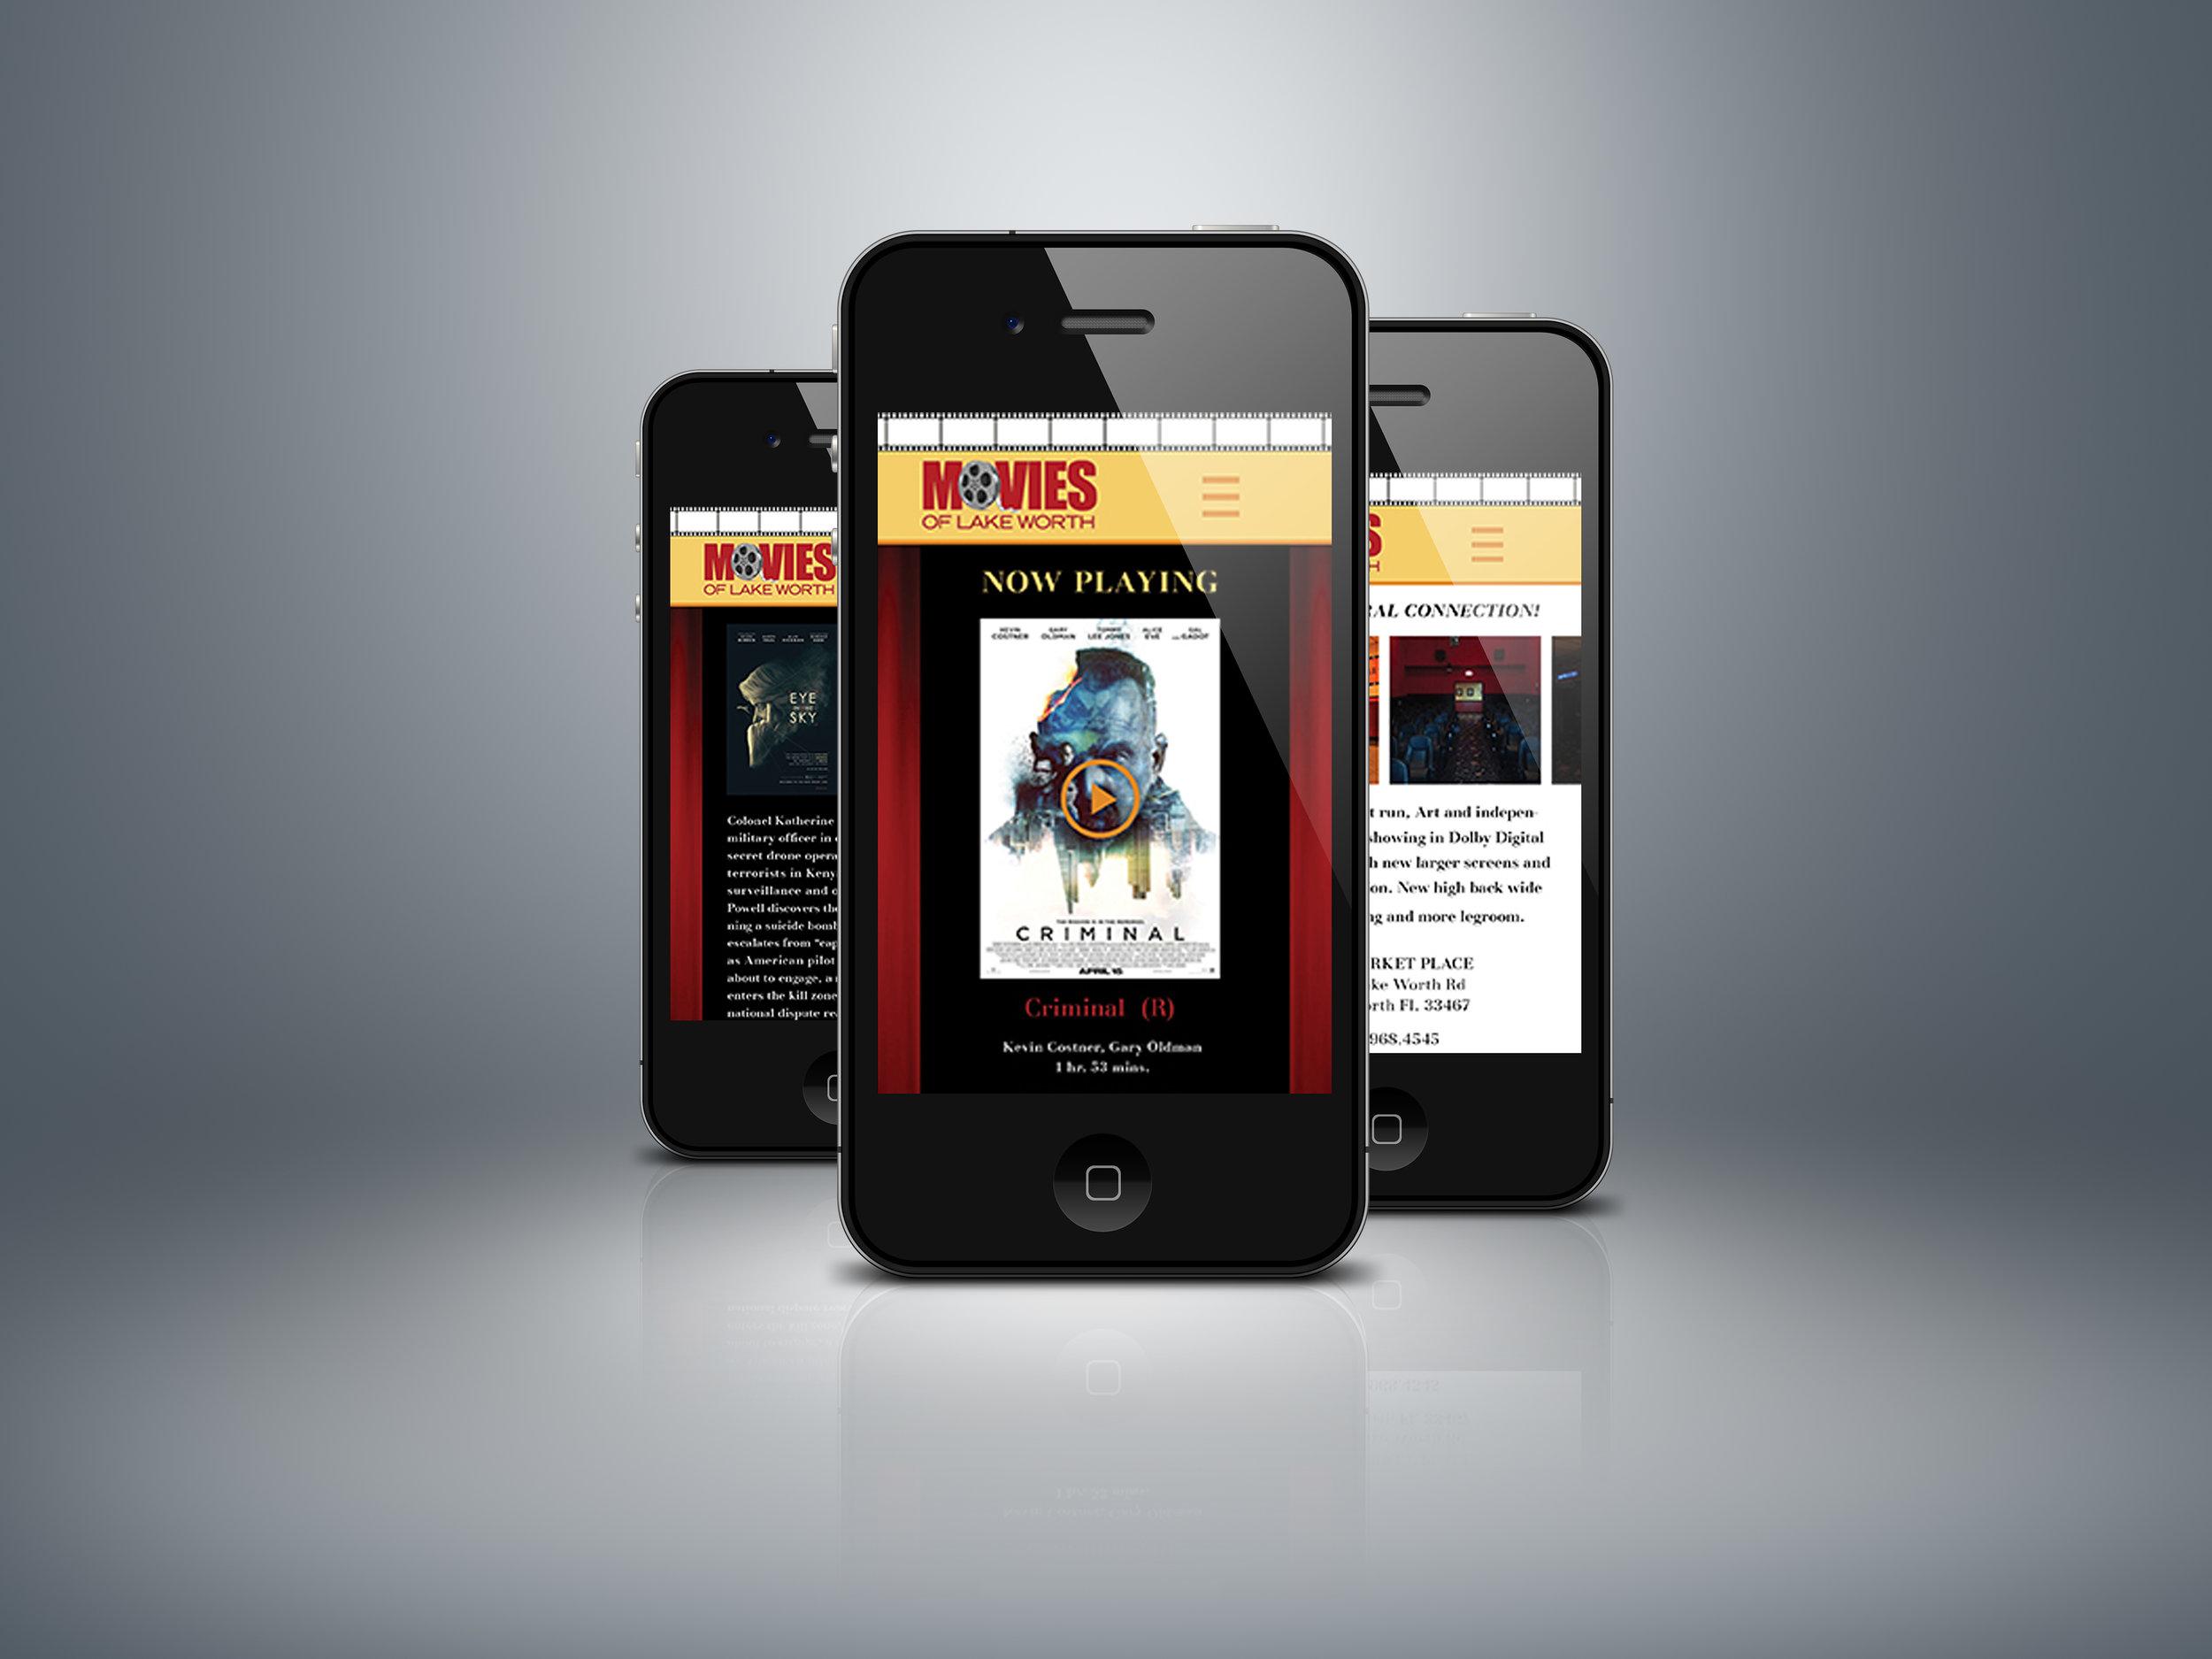 Mockup-App-1.jpg